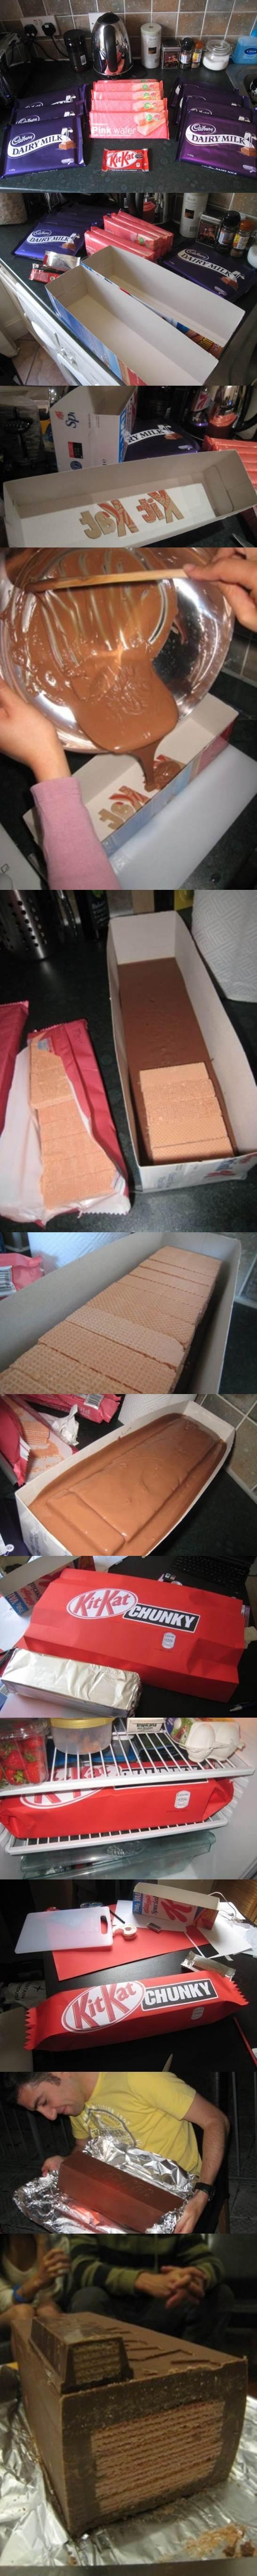 DIY Giant KitKat 2